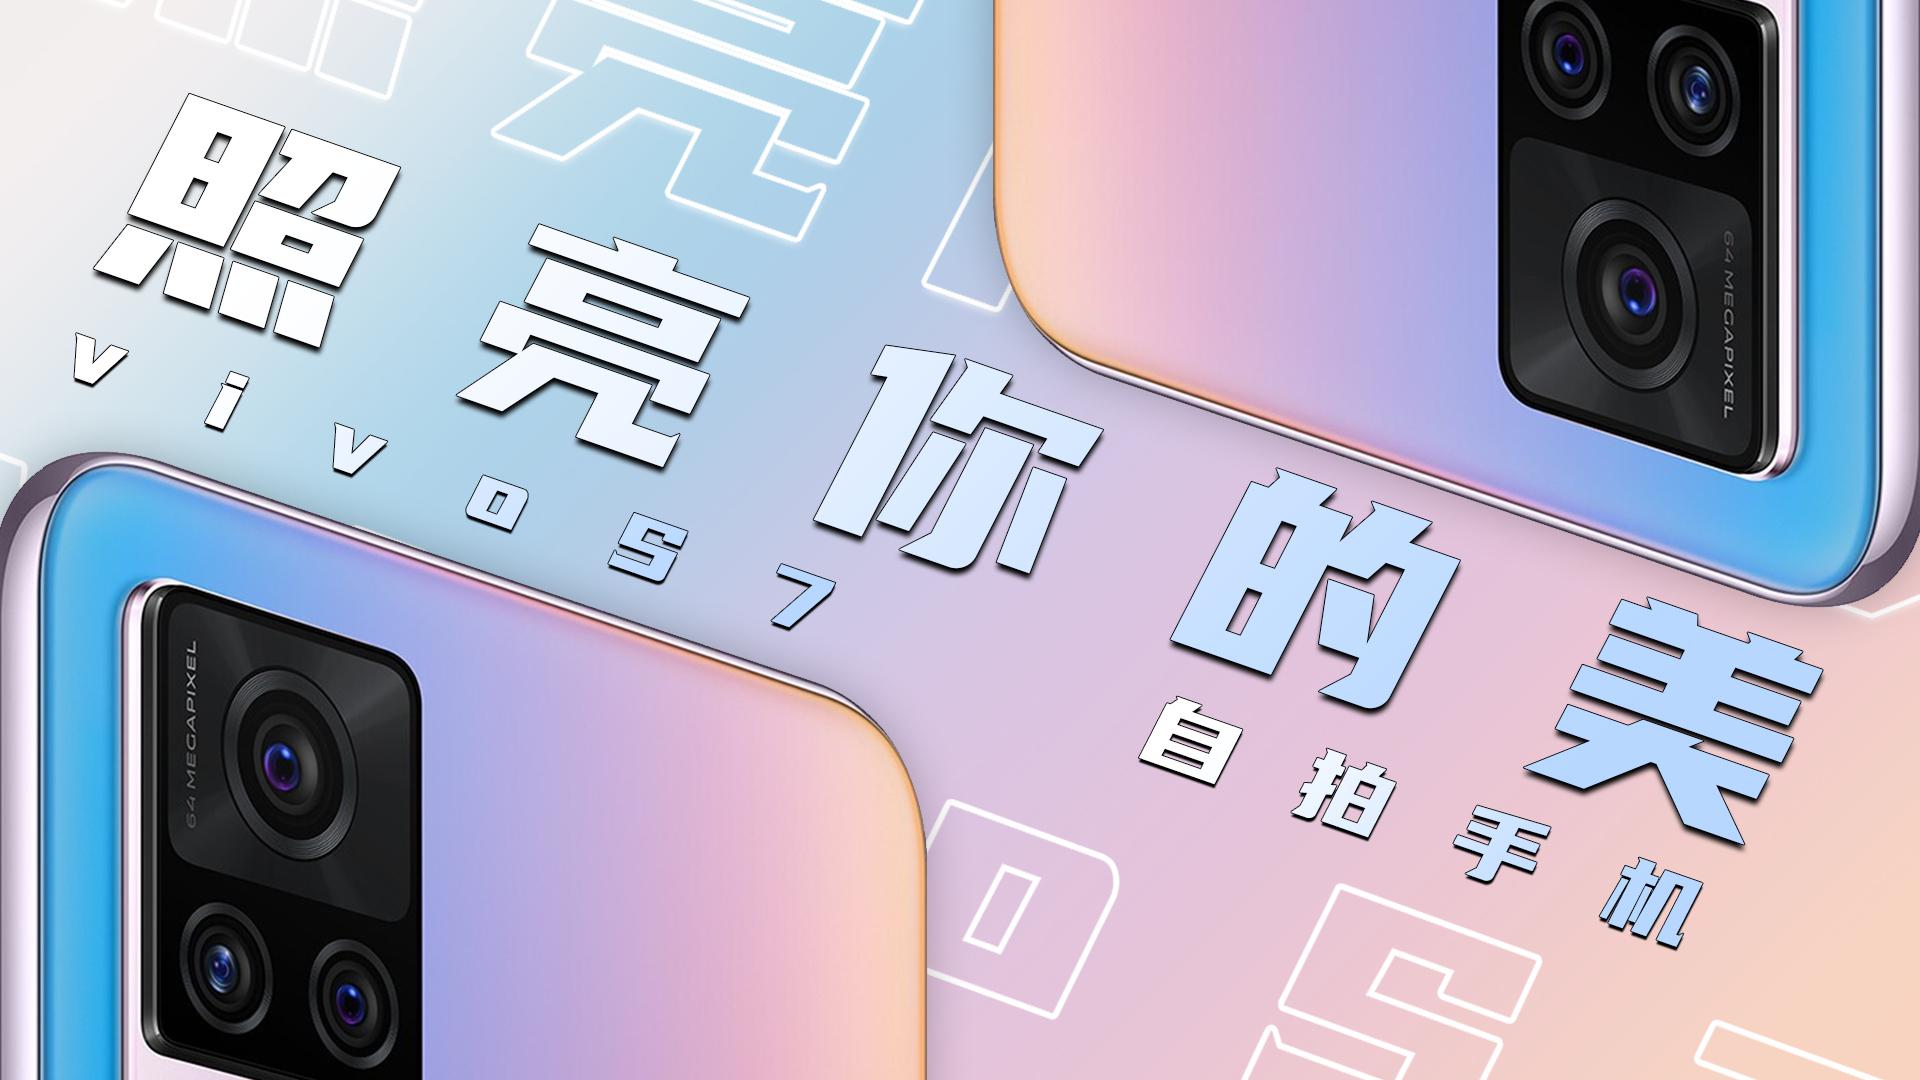 「趣看发布会」vivo S7 发布会总结:双色云阶,我模仿我自己!